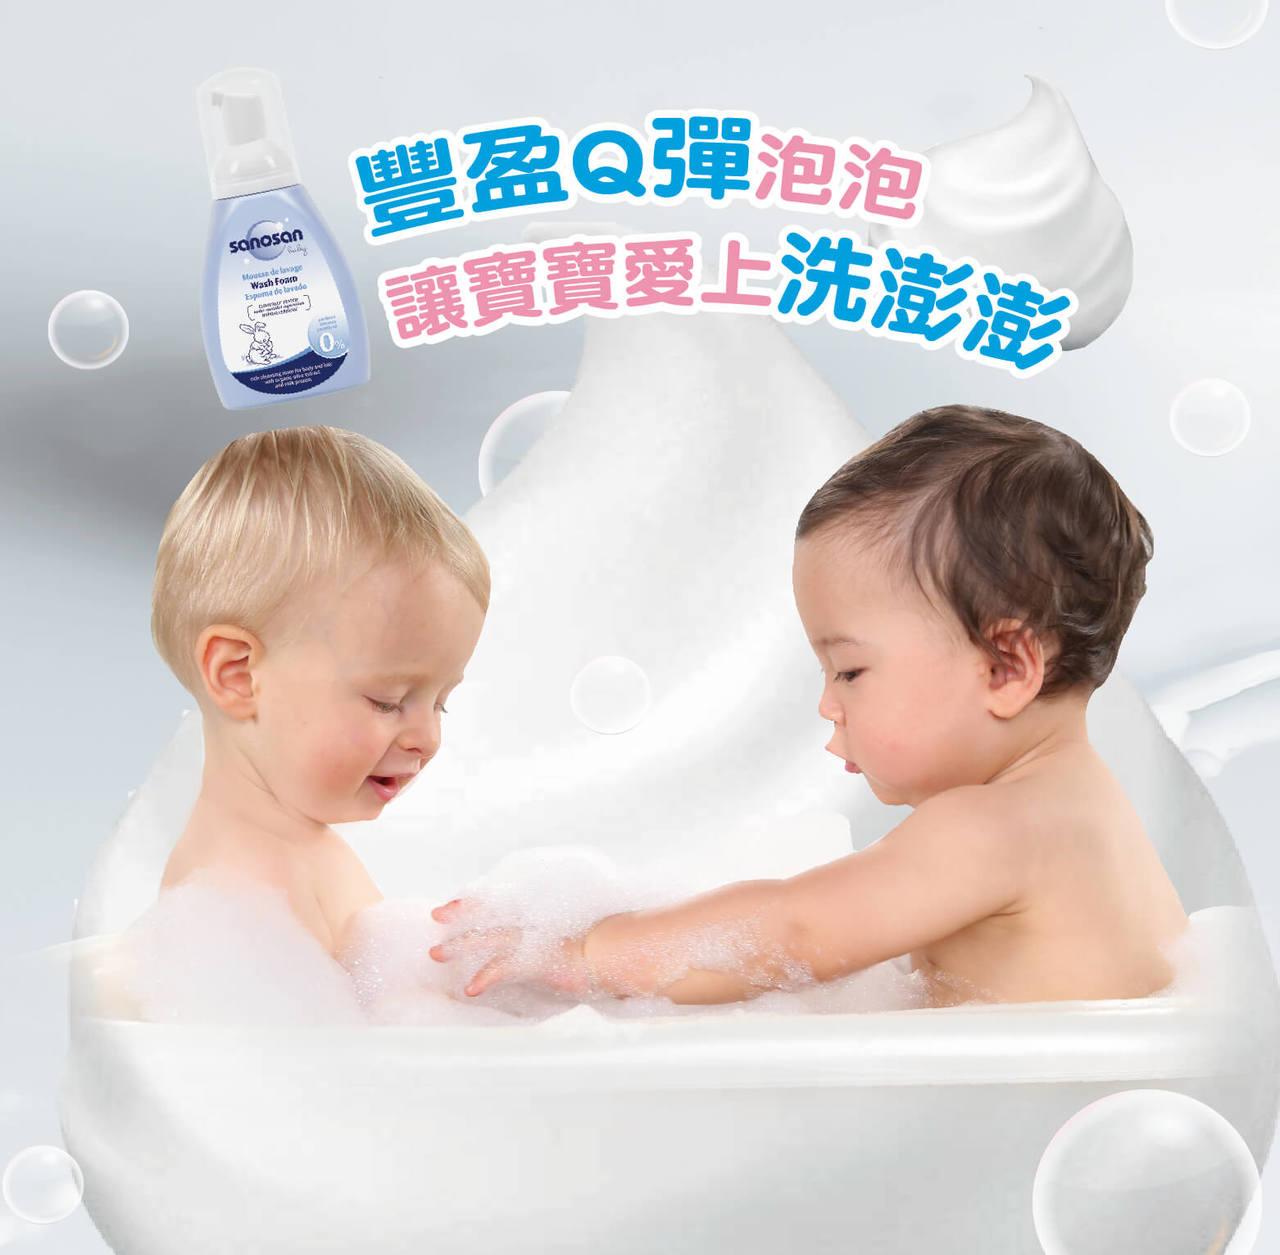 單手抱嬰兒,還要單手搓泡泡?新手媽媽洗寶寶救星!按壓出來就是慕斯,輕鬆幫寶寶洗澡,洗髮沐浴二合一,也可當洗手幕斯!珊諾獨家水解乳蛋白,溫和洗淨不乾澀